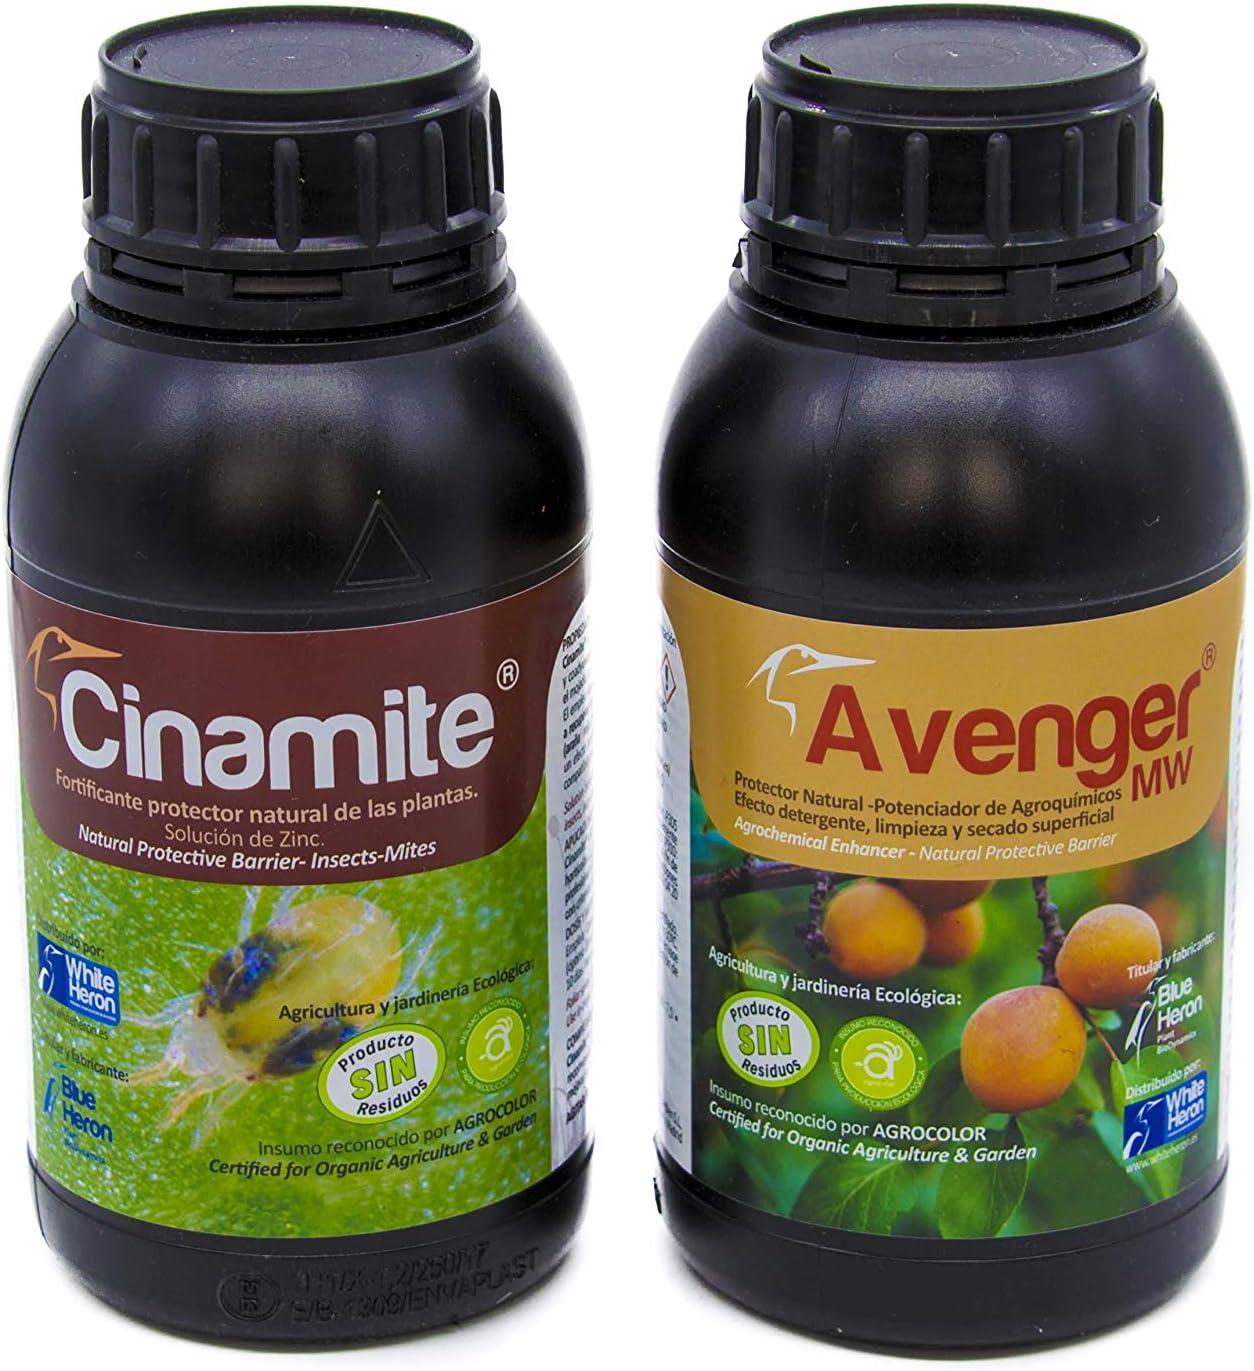 CINAMITE®+Avenger® (550 m2). Perfil Insecticida bioracional-Insectos/Acaros/Hongos; Pack Fito-fortificantes-Fertilizantes Especiales. Plantas Interior/Exterior/Flores/Cultivos. Eco